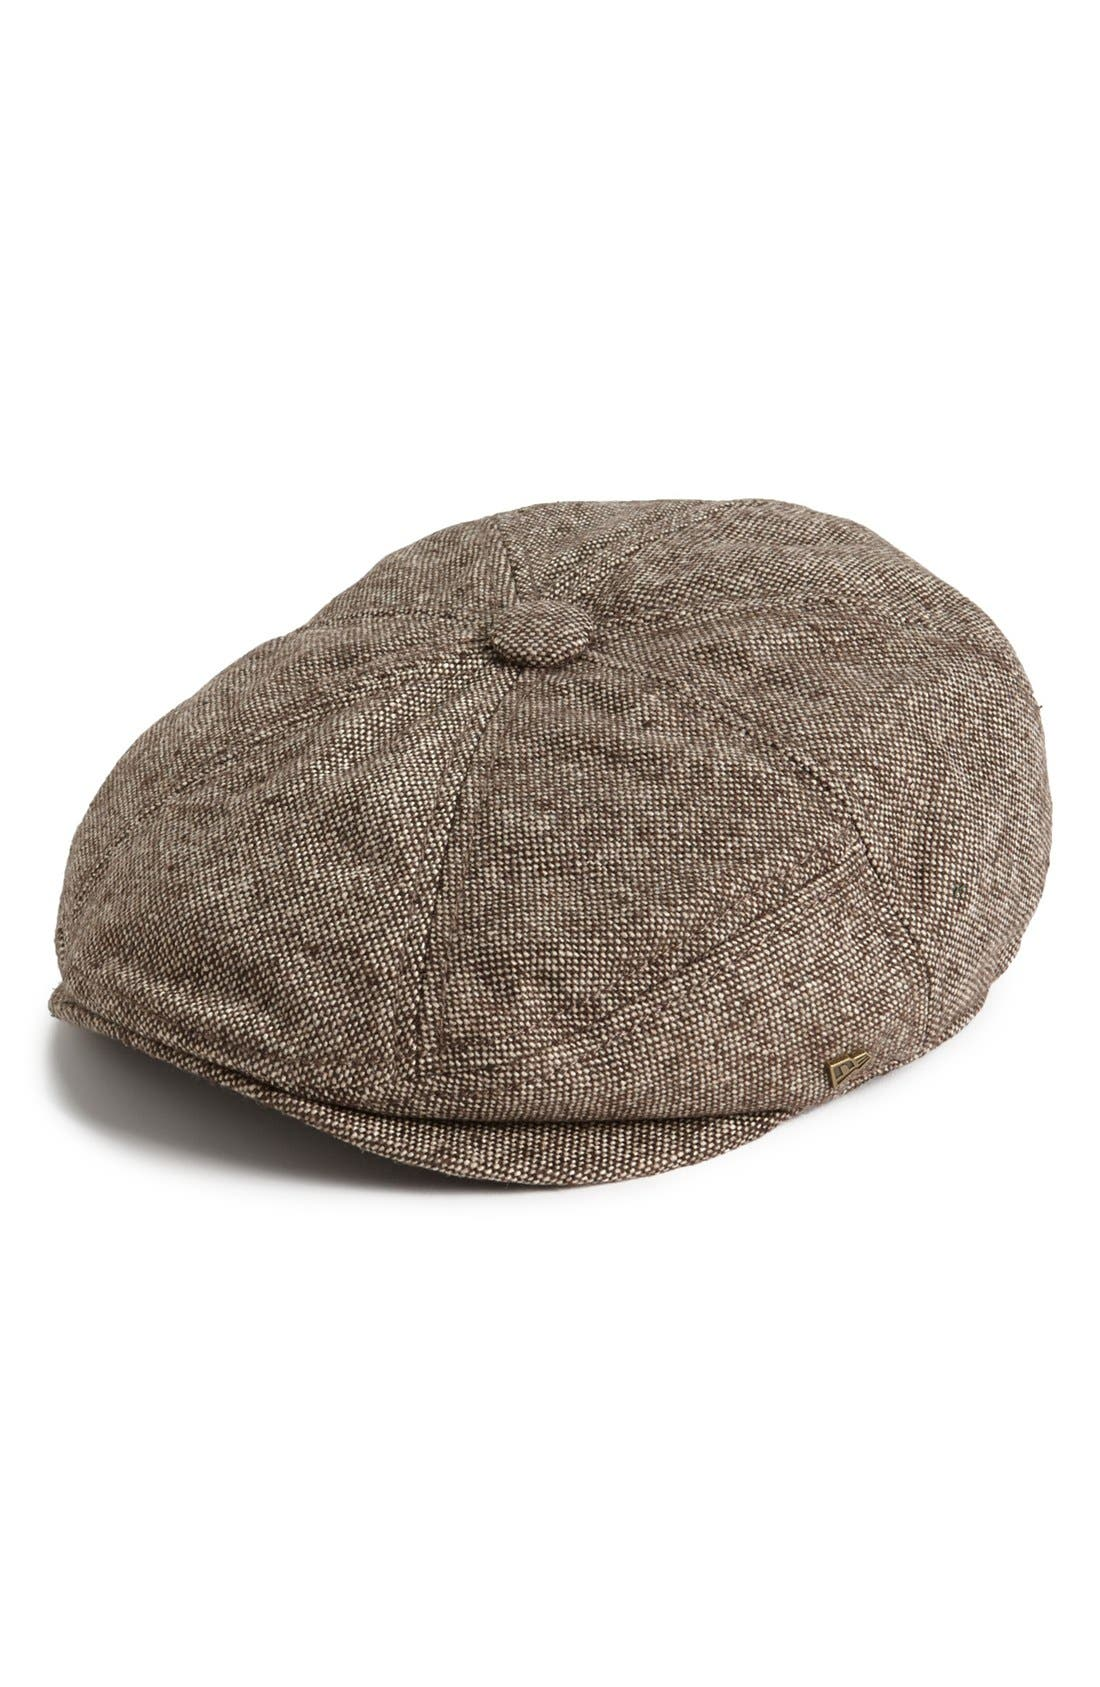 Alternate Image 1 Selected - New Era Cap 'EK®' Tweed Driving Cap